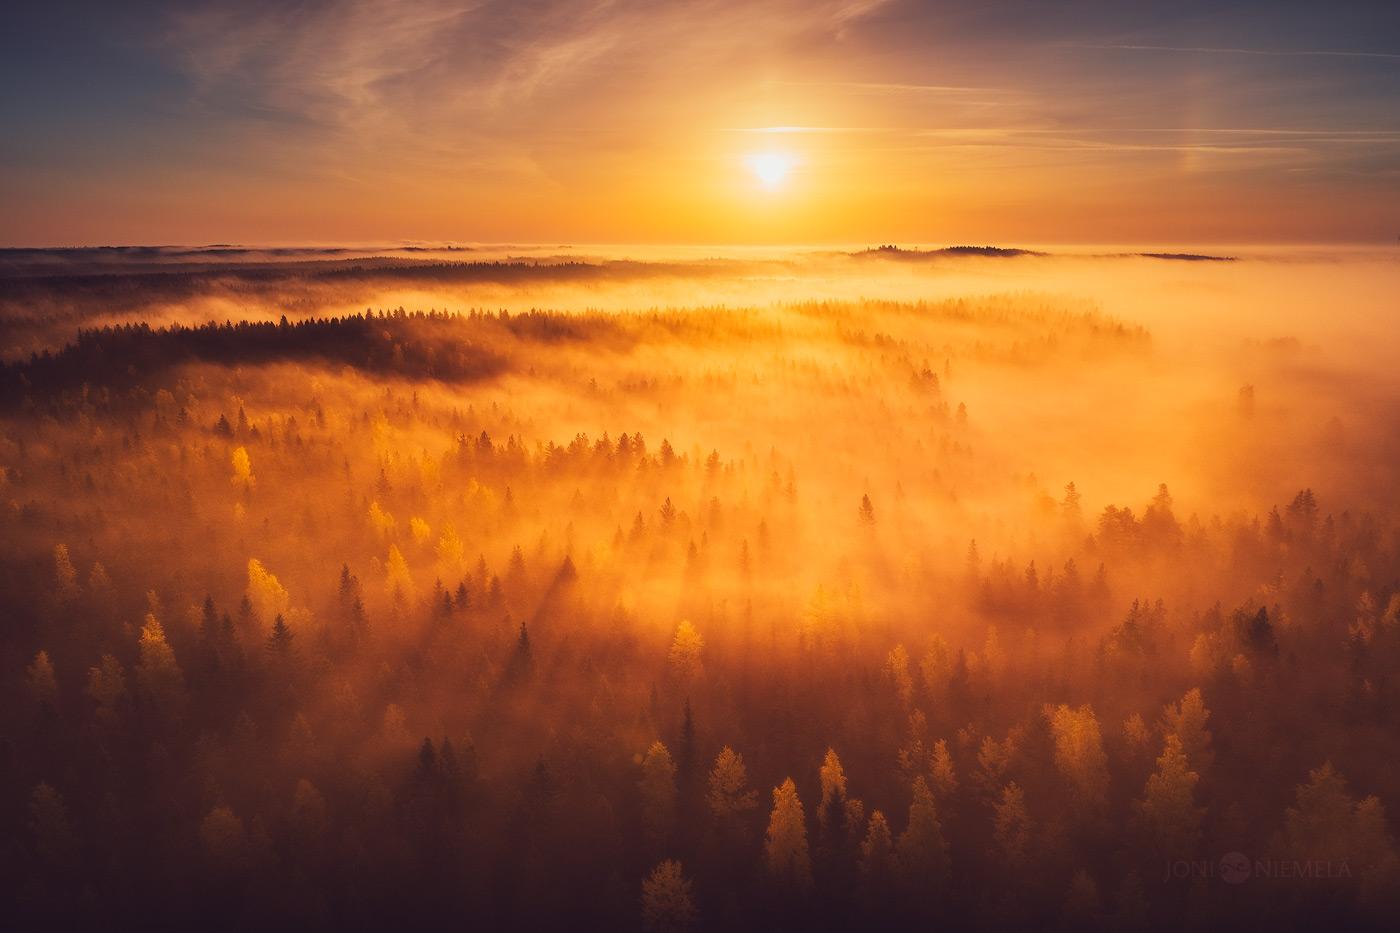 Autumn Sunrise by JoniNiemela on DeviantArt